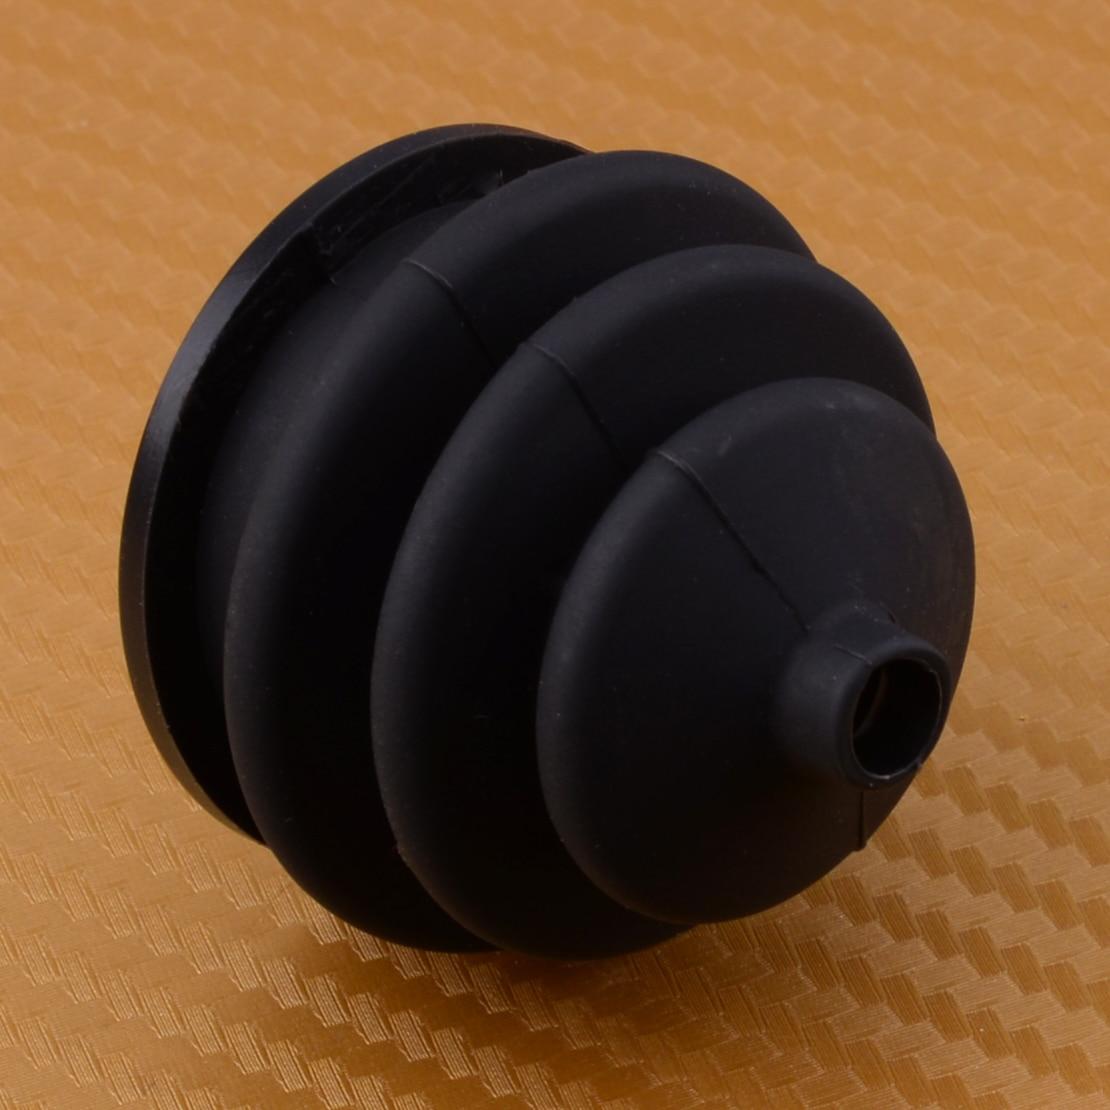 LETAOSK New  Wheelchair Rubber Shark Drive Joystick Mobility Knob Gaiter Button Controller Power Option Tilt